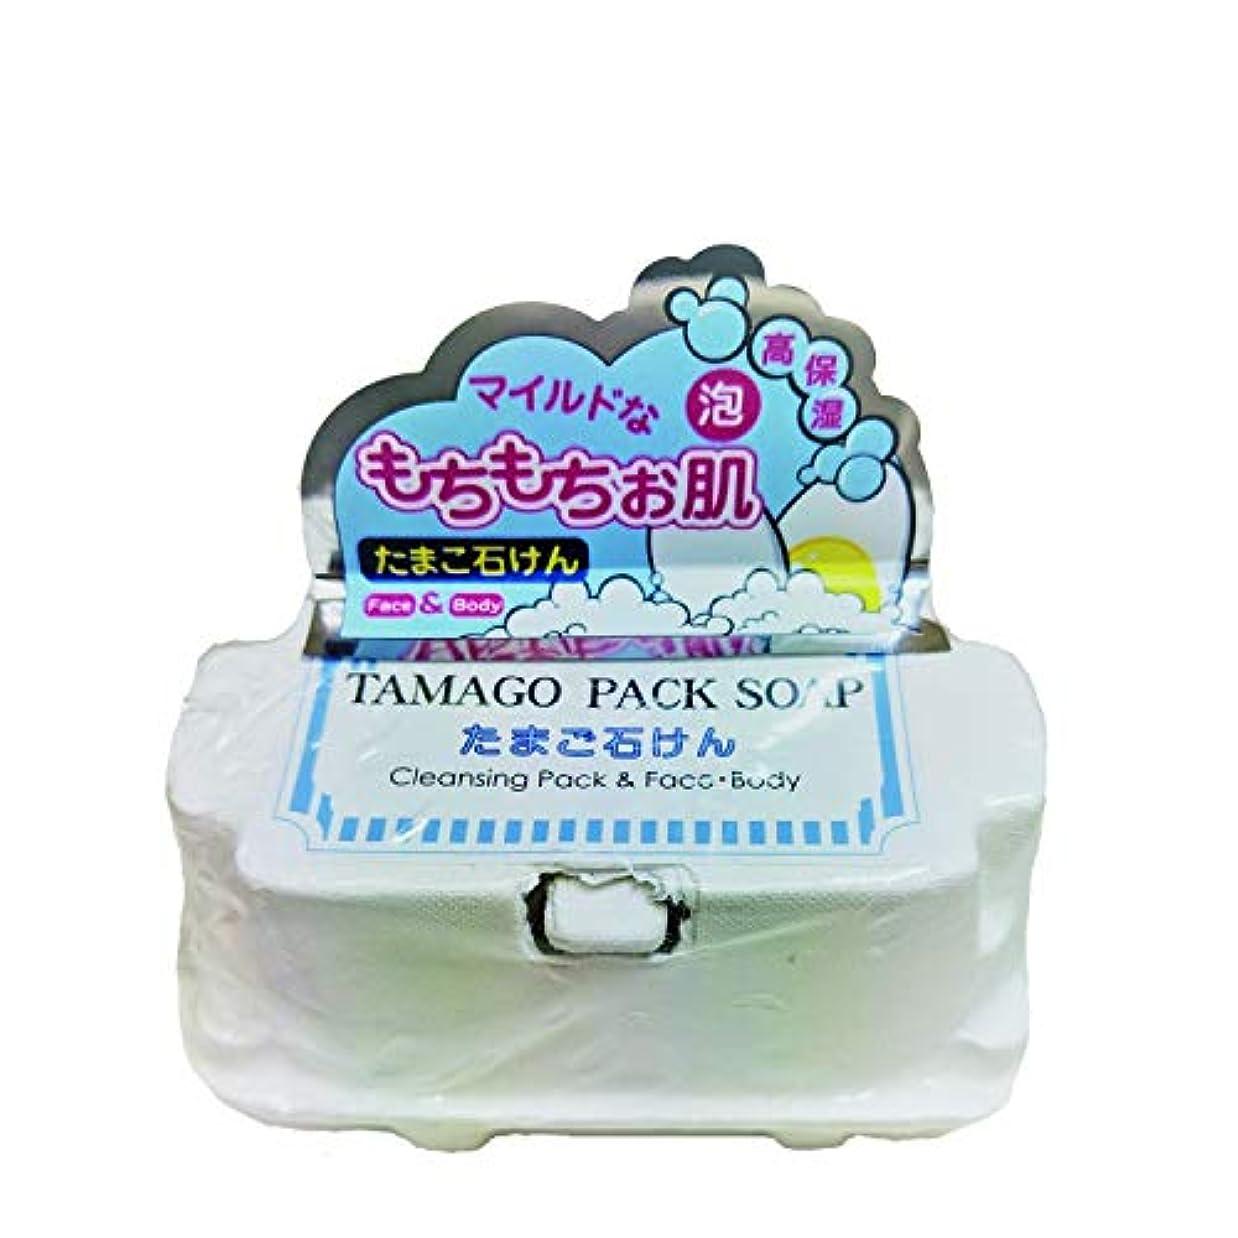 老朽化したオーケストラ管理シンビジャパン たまご石けん TAMAGO PACK SOAP フェイス?ボディ用 50g×2個入